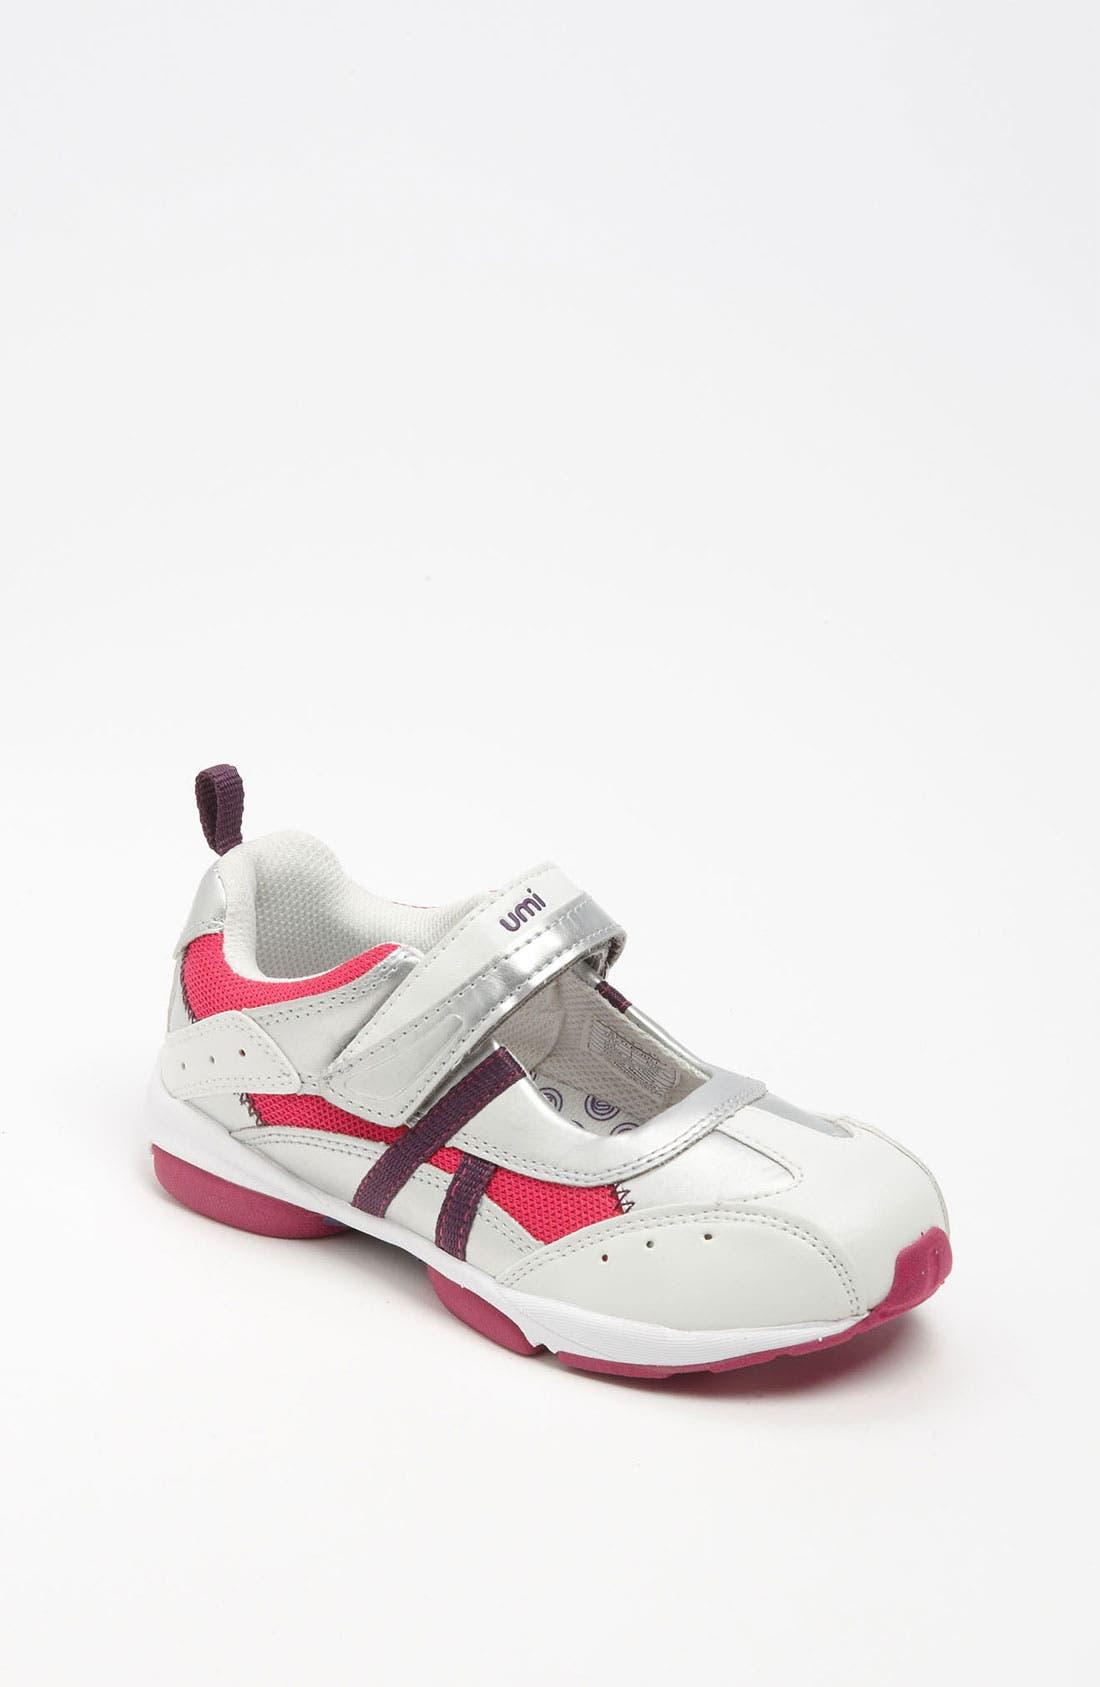 Main Image - Umi 'Juli' Sneaker (Toddler, Little Kid & Big Kid)